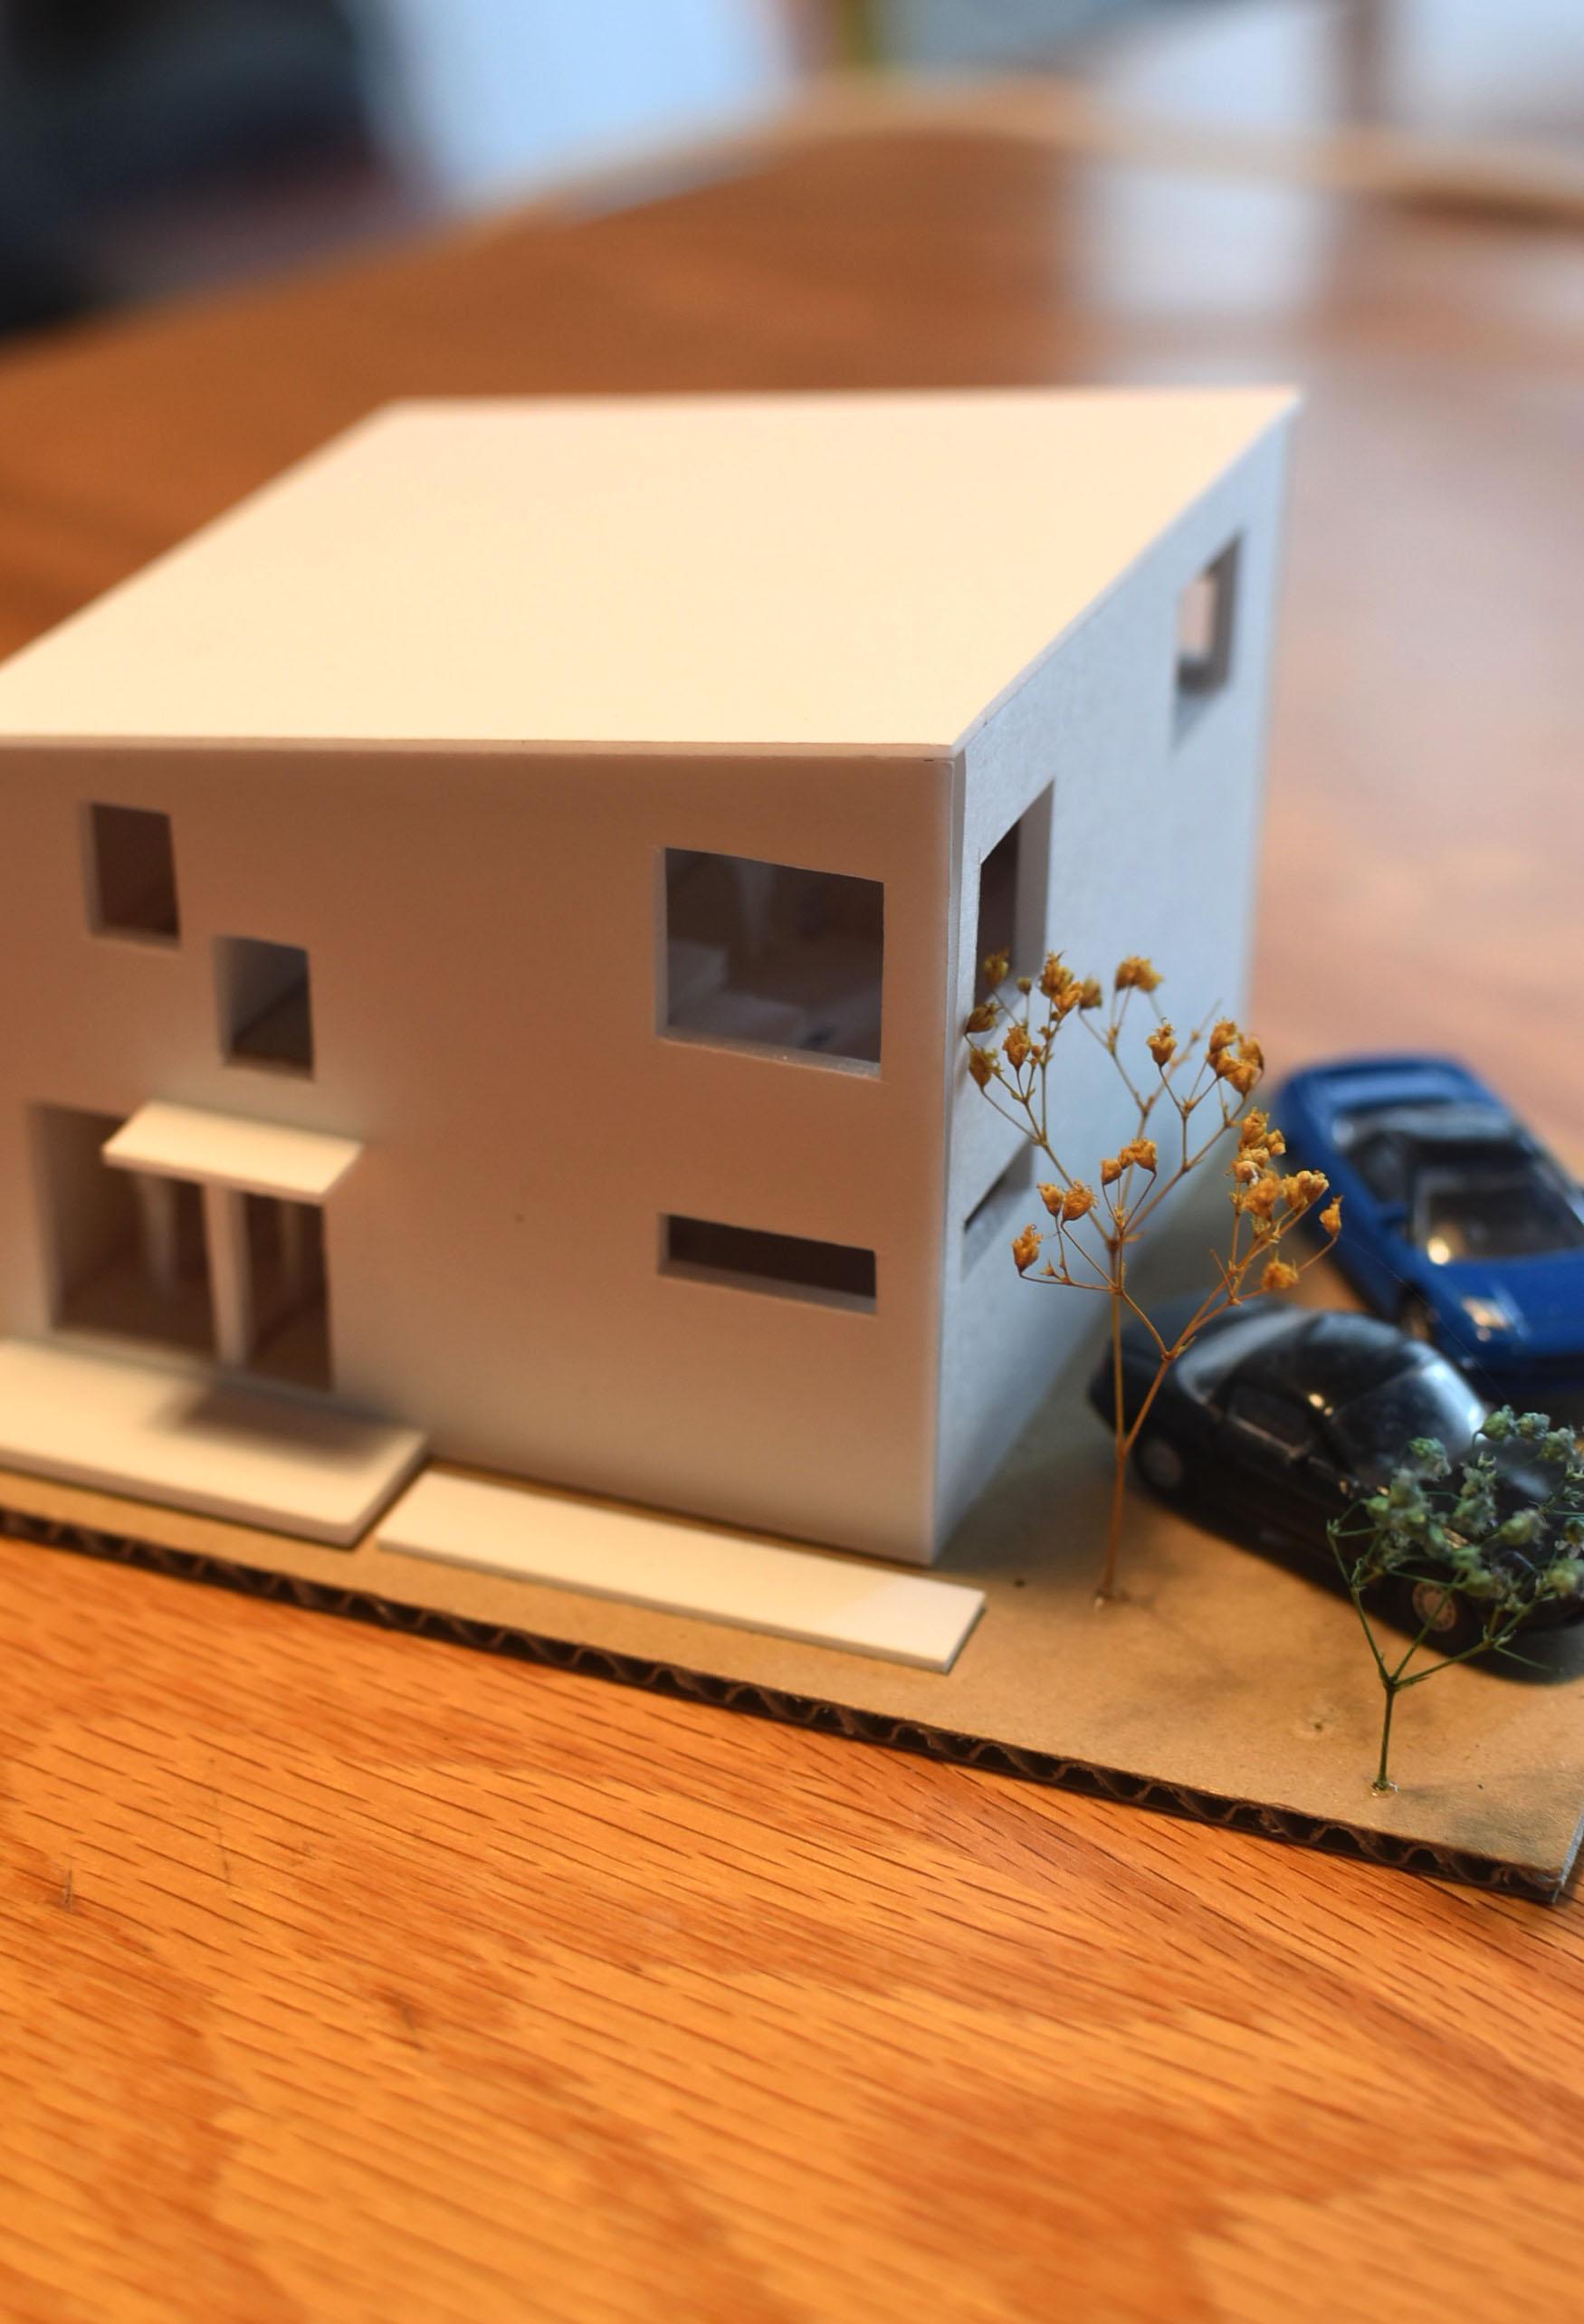 標準化住宅模型